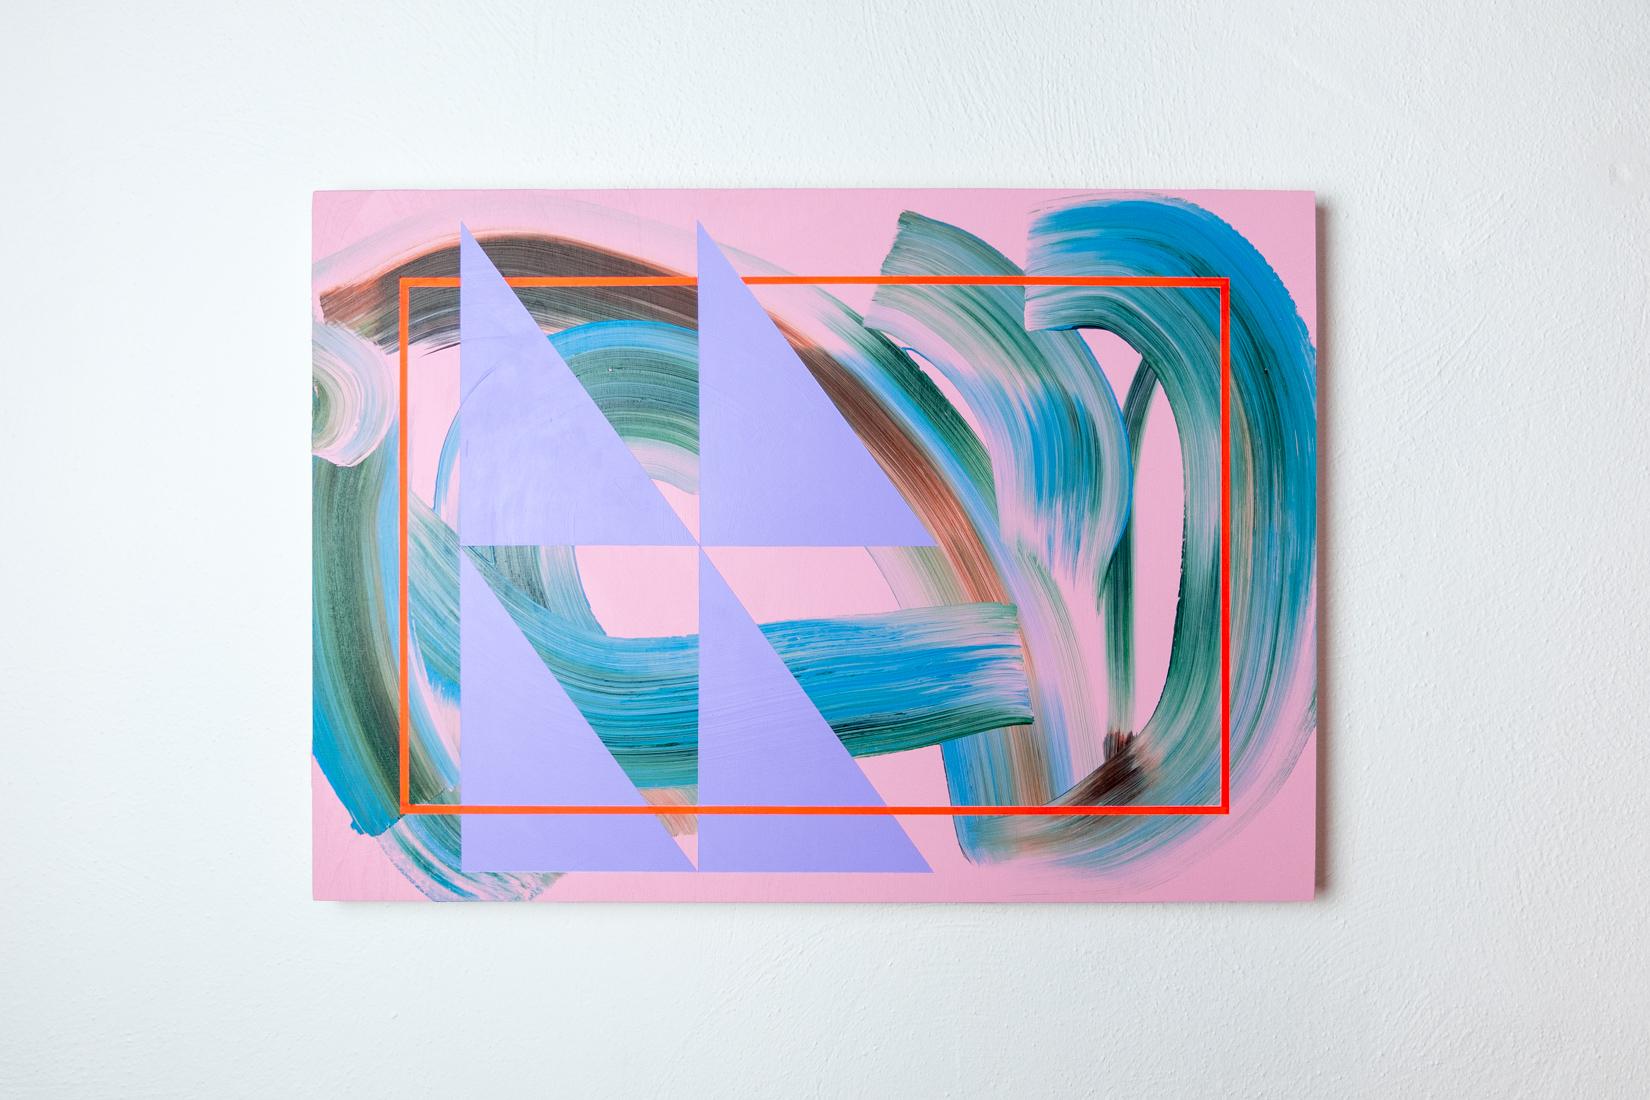 Lisa Denyer Pushgo 2018 acrylic and collage on plywood 45x63cm